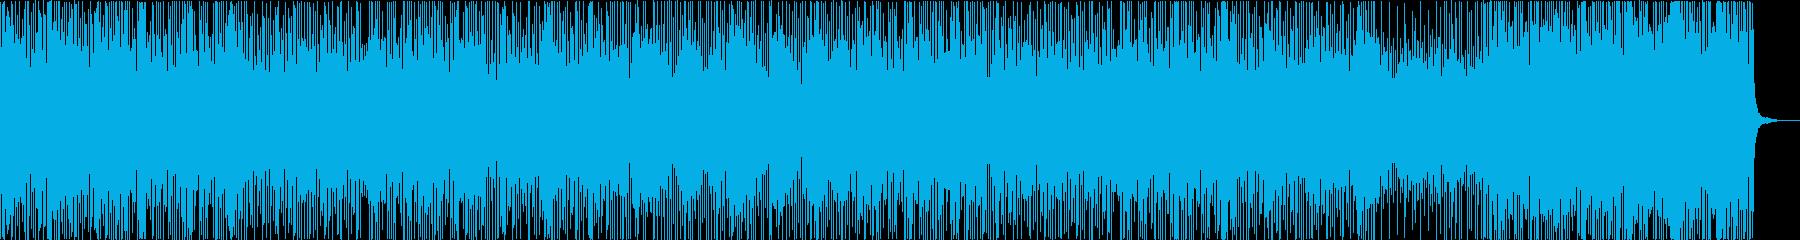 オシャレでかわいいピアノとストリングスの再生済みの波形